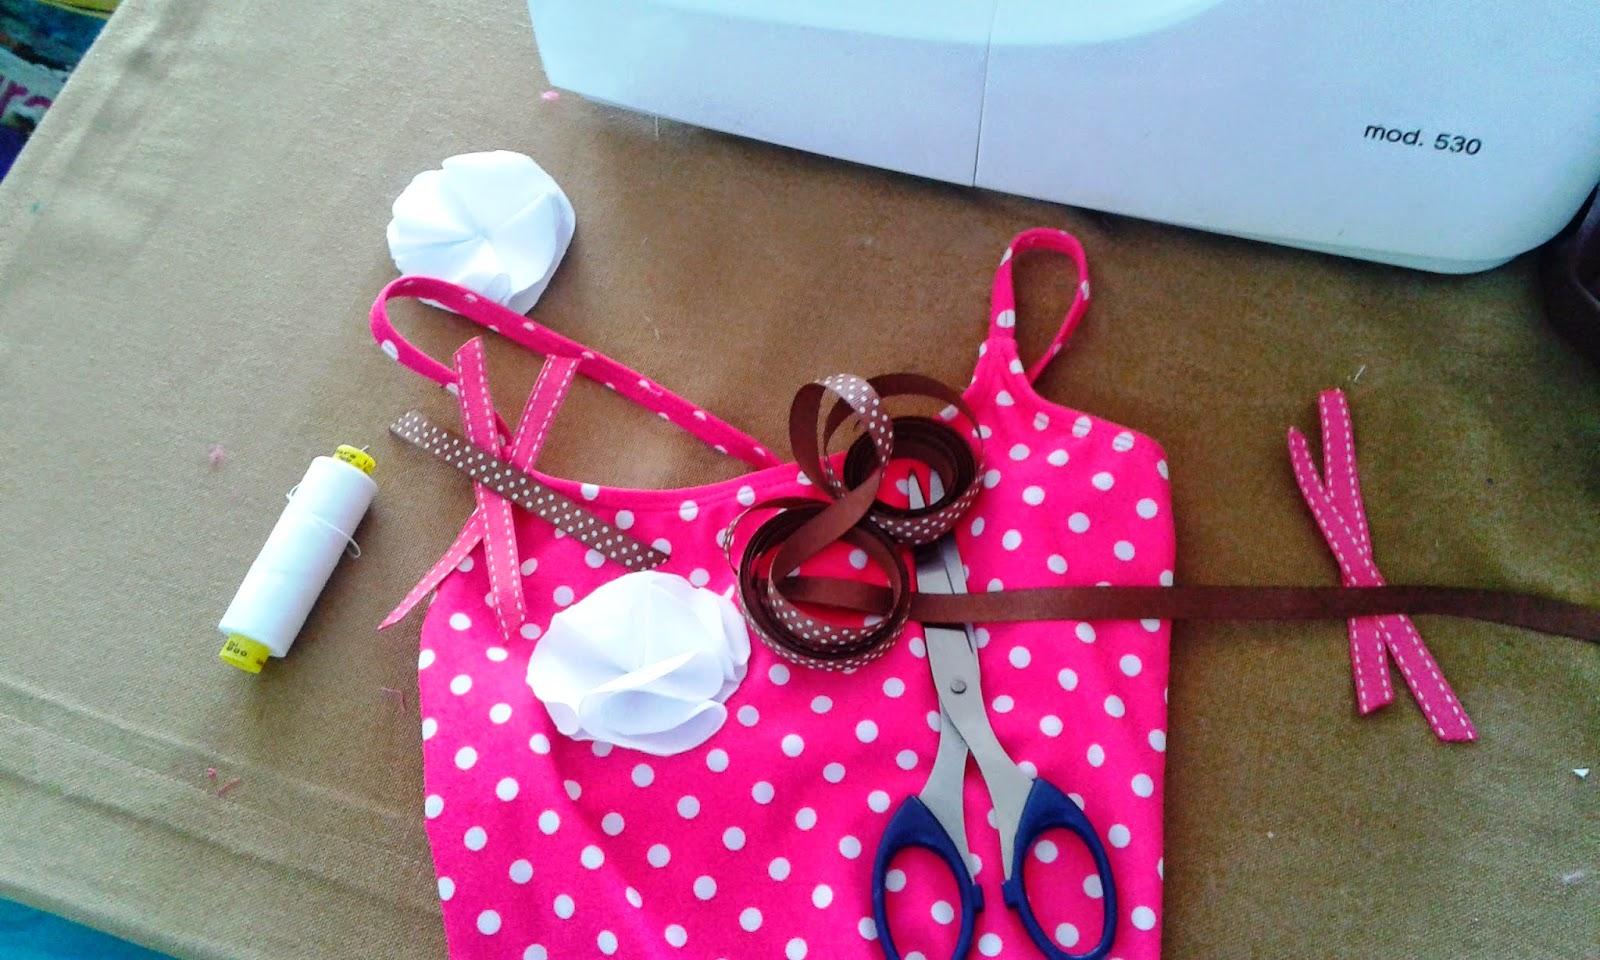 Decoracion Baño Ninas:Mil Cosas Monas: Ideas para decorar trajes de baño de niñas